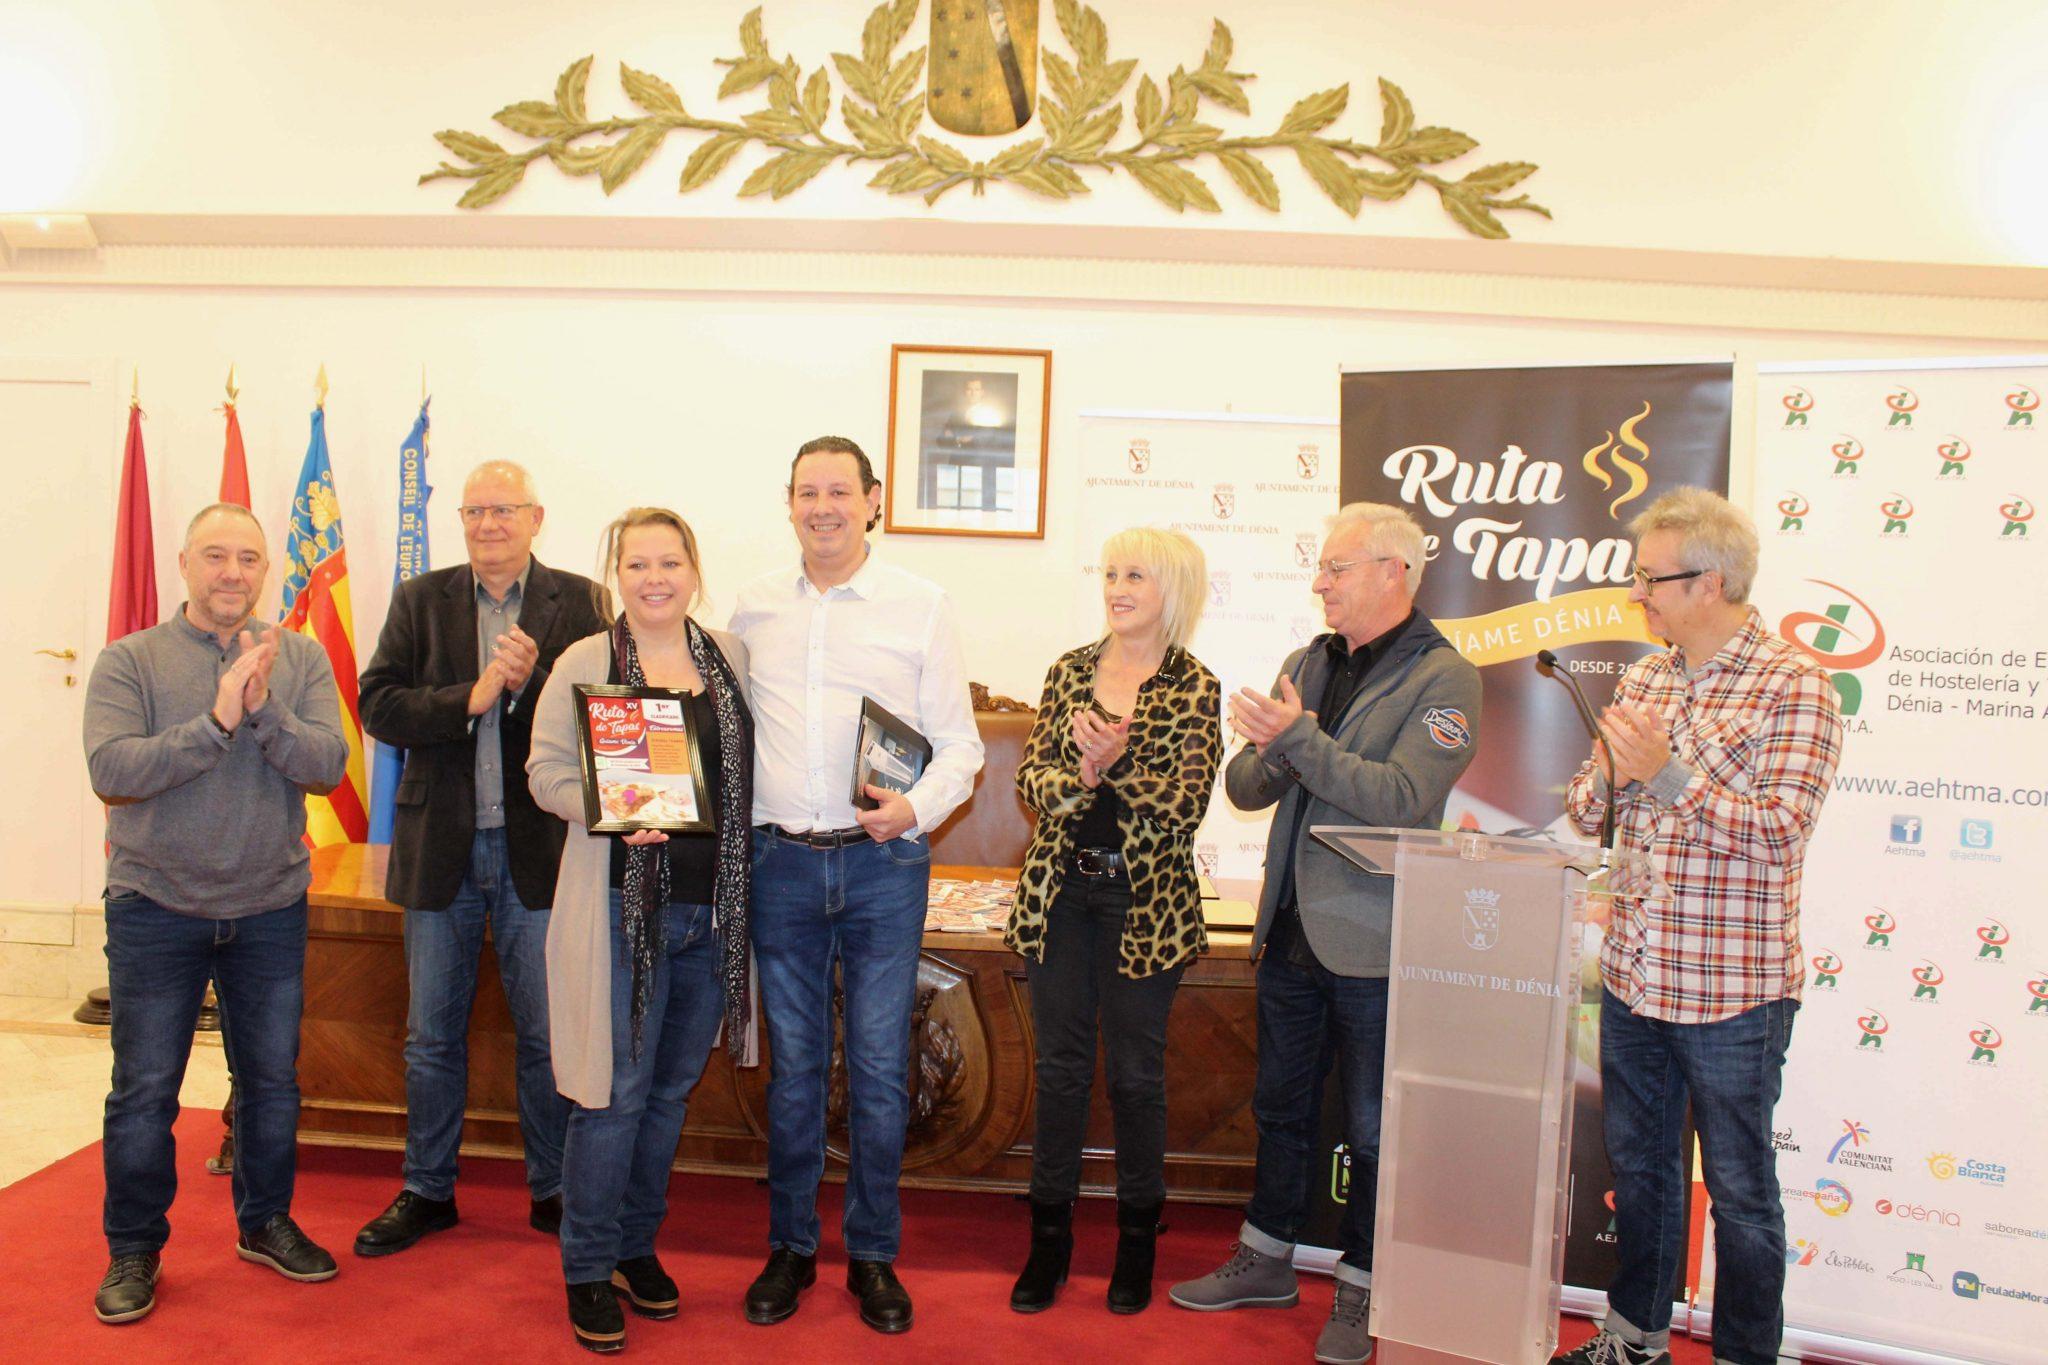 Entrearomas, premier prix de la XVe Route des Tapas de Dénia